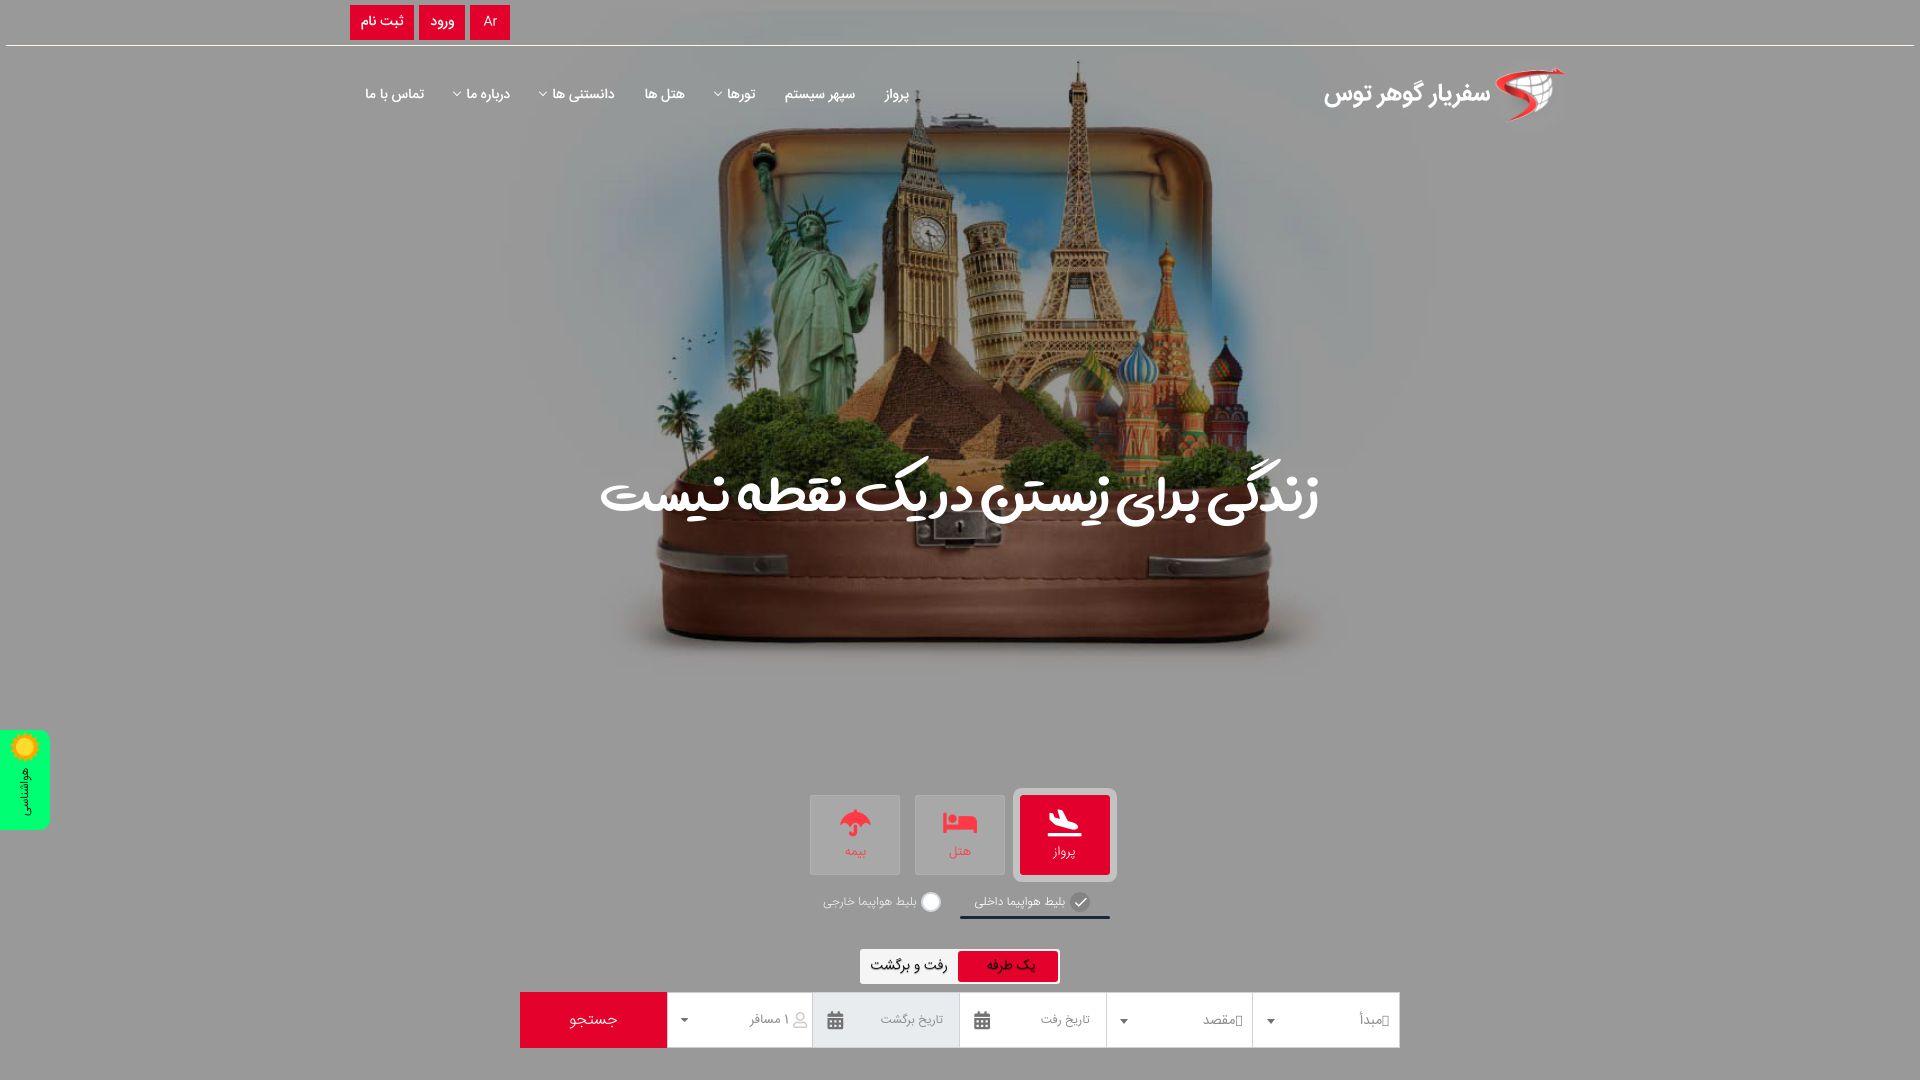 طراحی سیستم - طراحی سایت آژانس مسافرتی سفریار گوهر توس